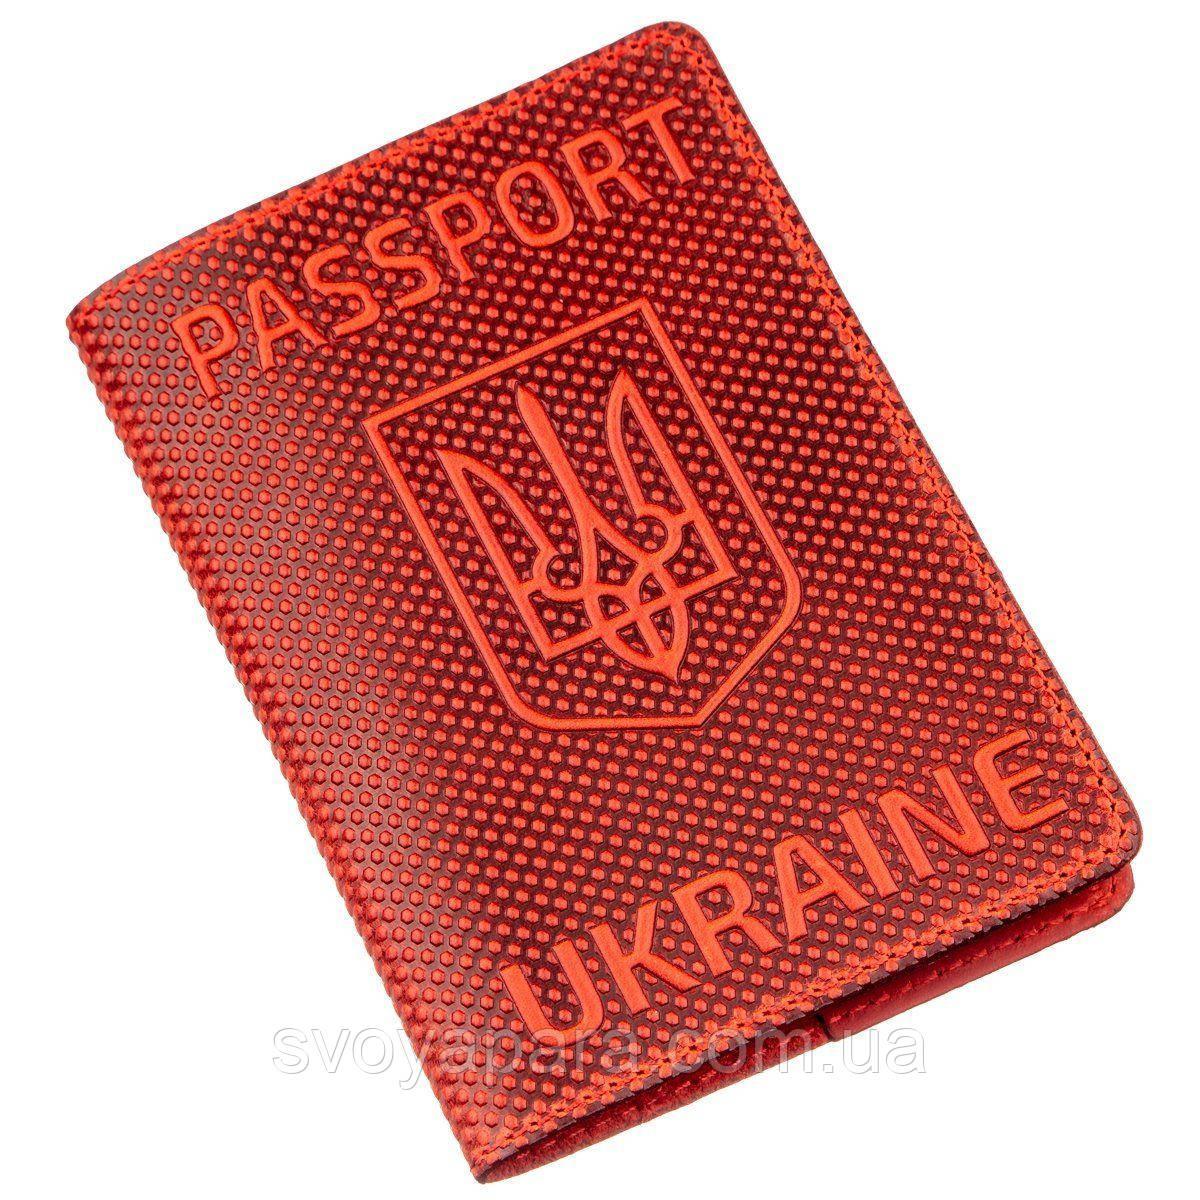 Обложка на паспорт Shvigel 13958 с точечным тиснением кожаная Красная